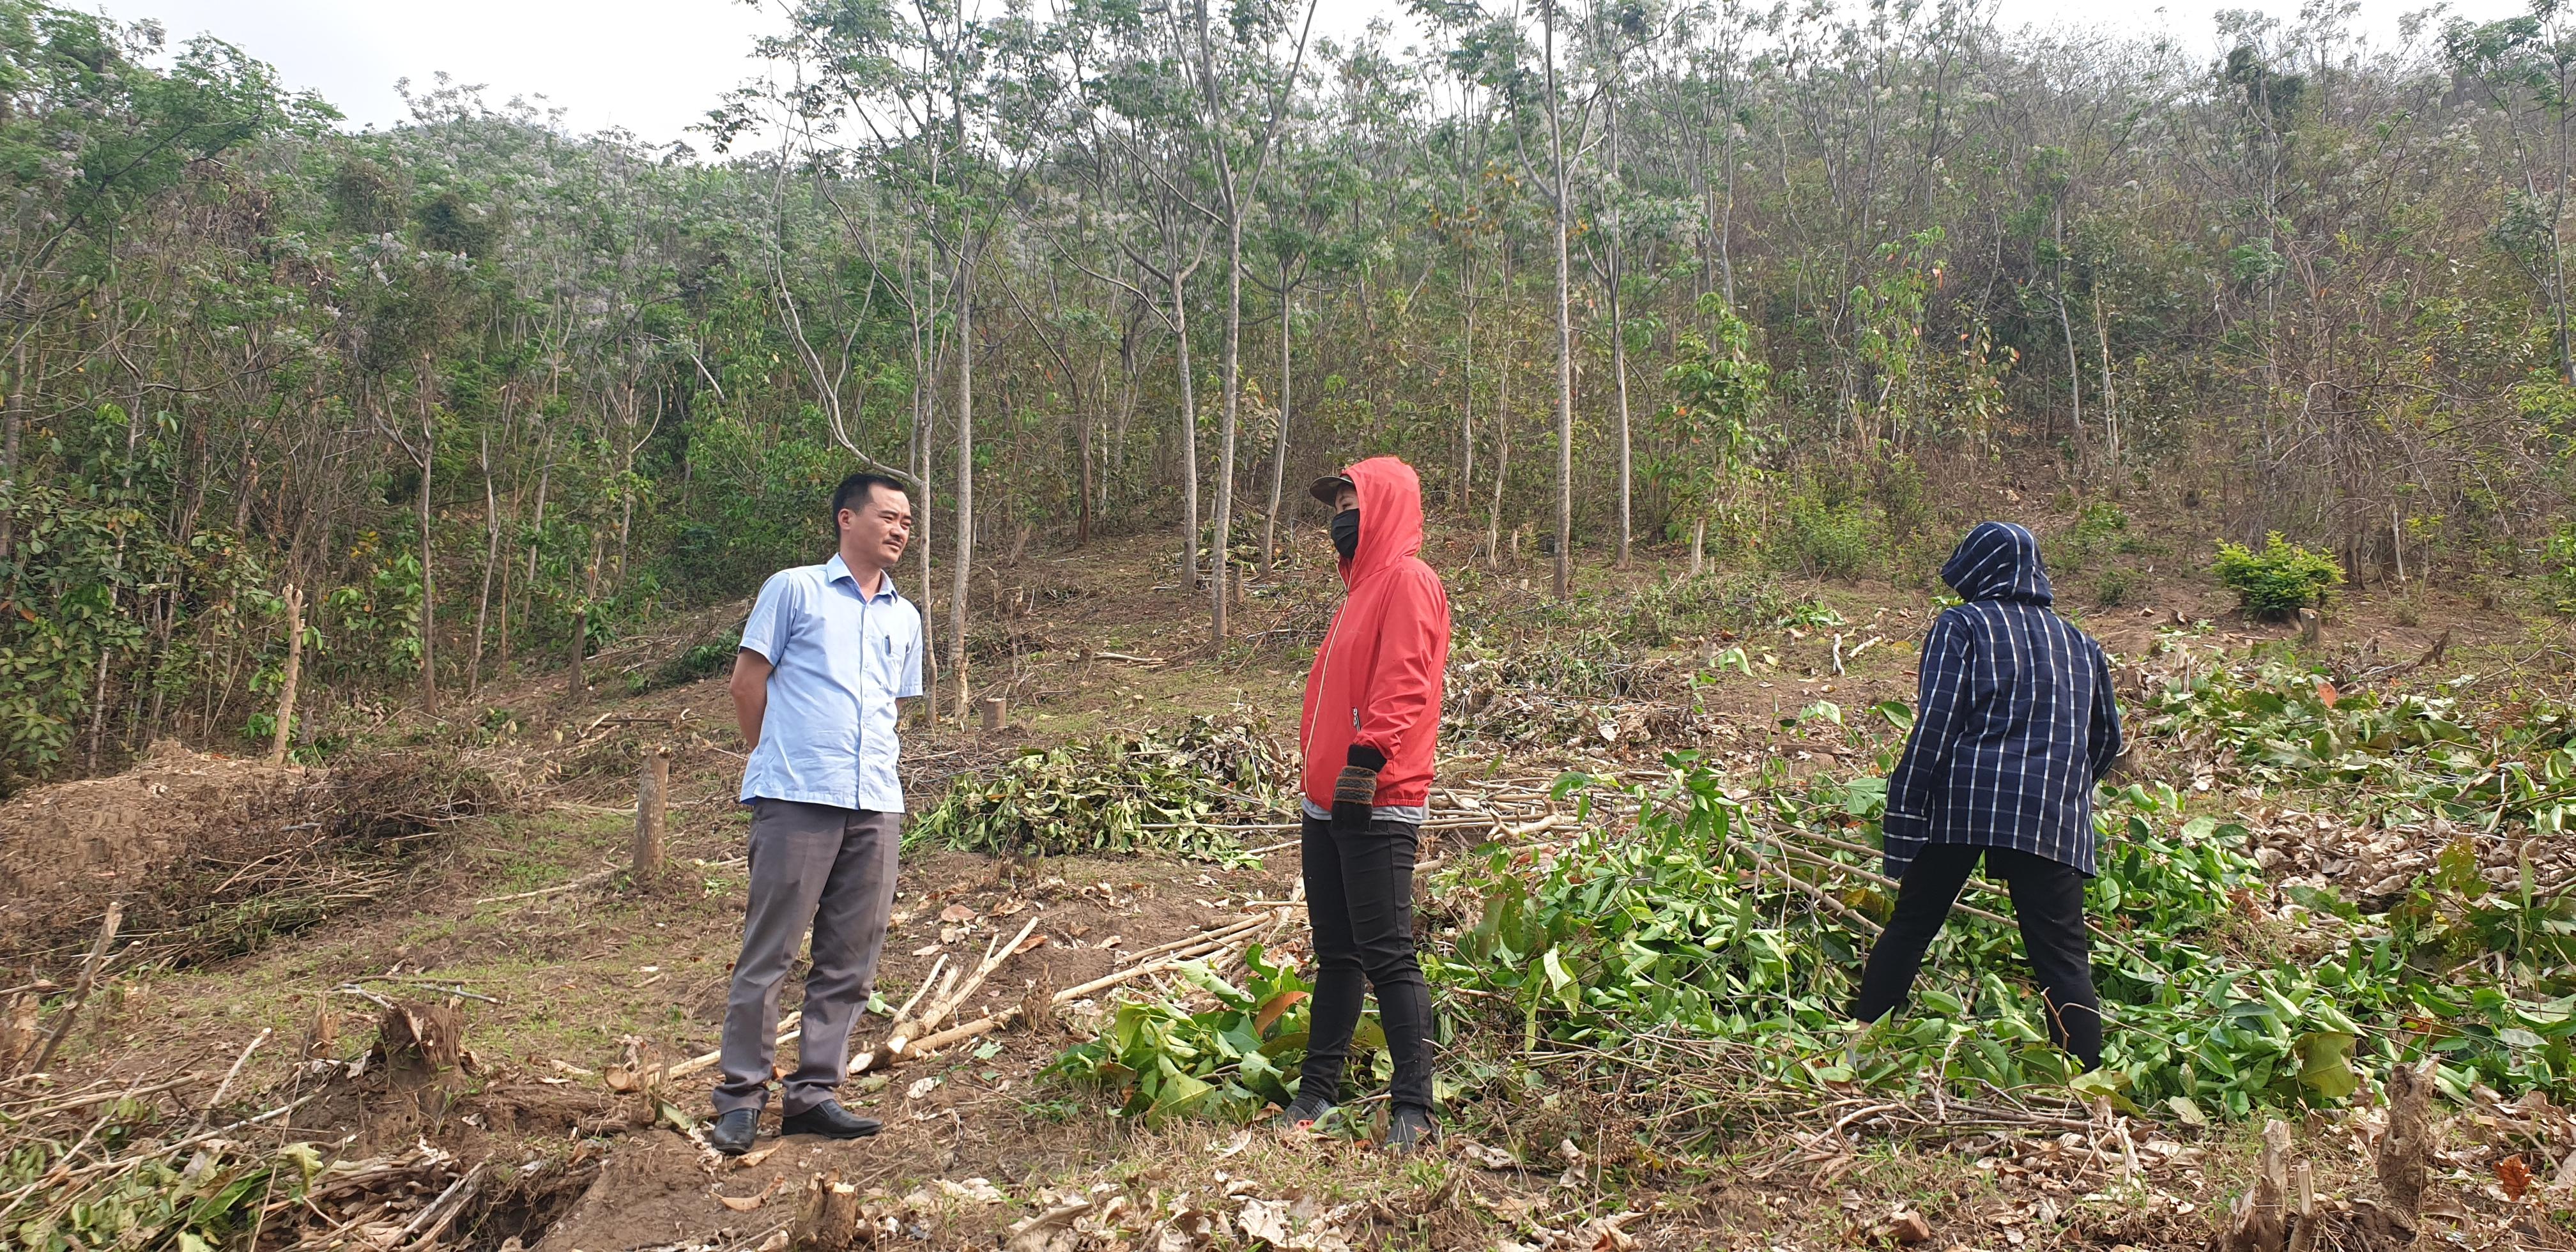 Từ dự án được kỳ vọng giúp giảm nghèo, giờ đây những cây xoan lại trở thành nỗi bức xúc của người dân